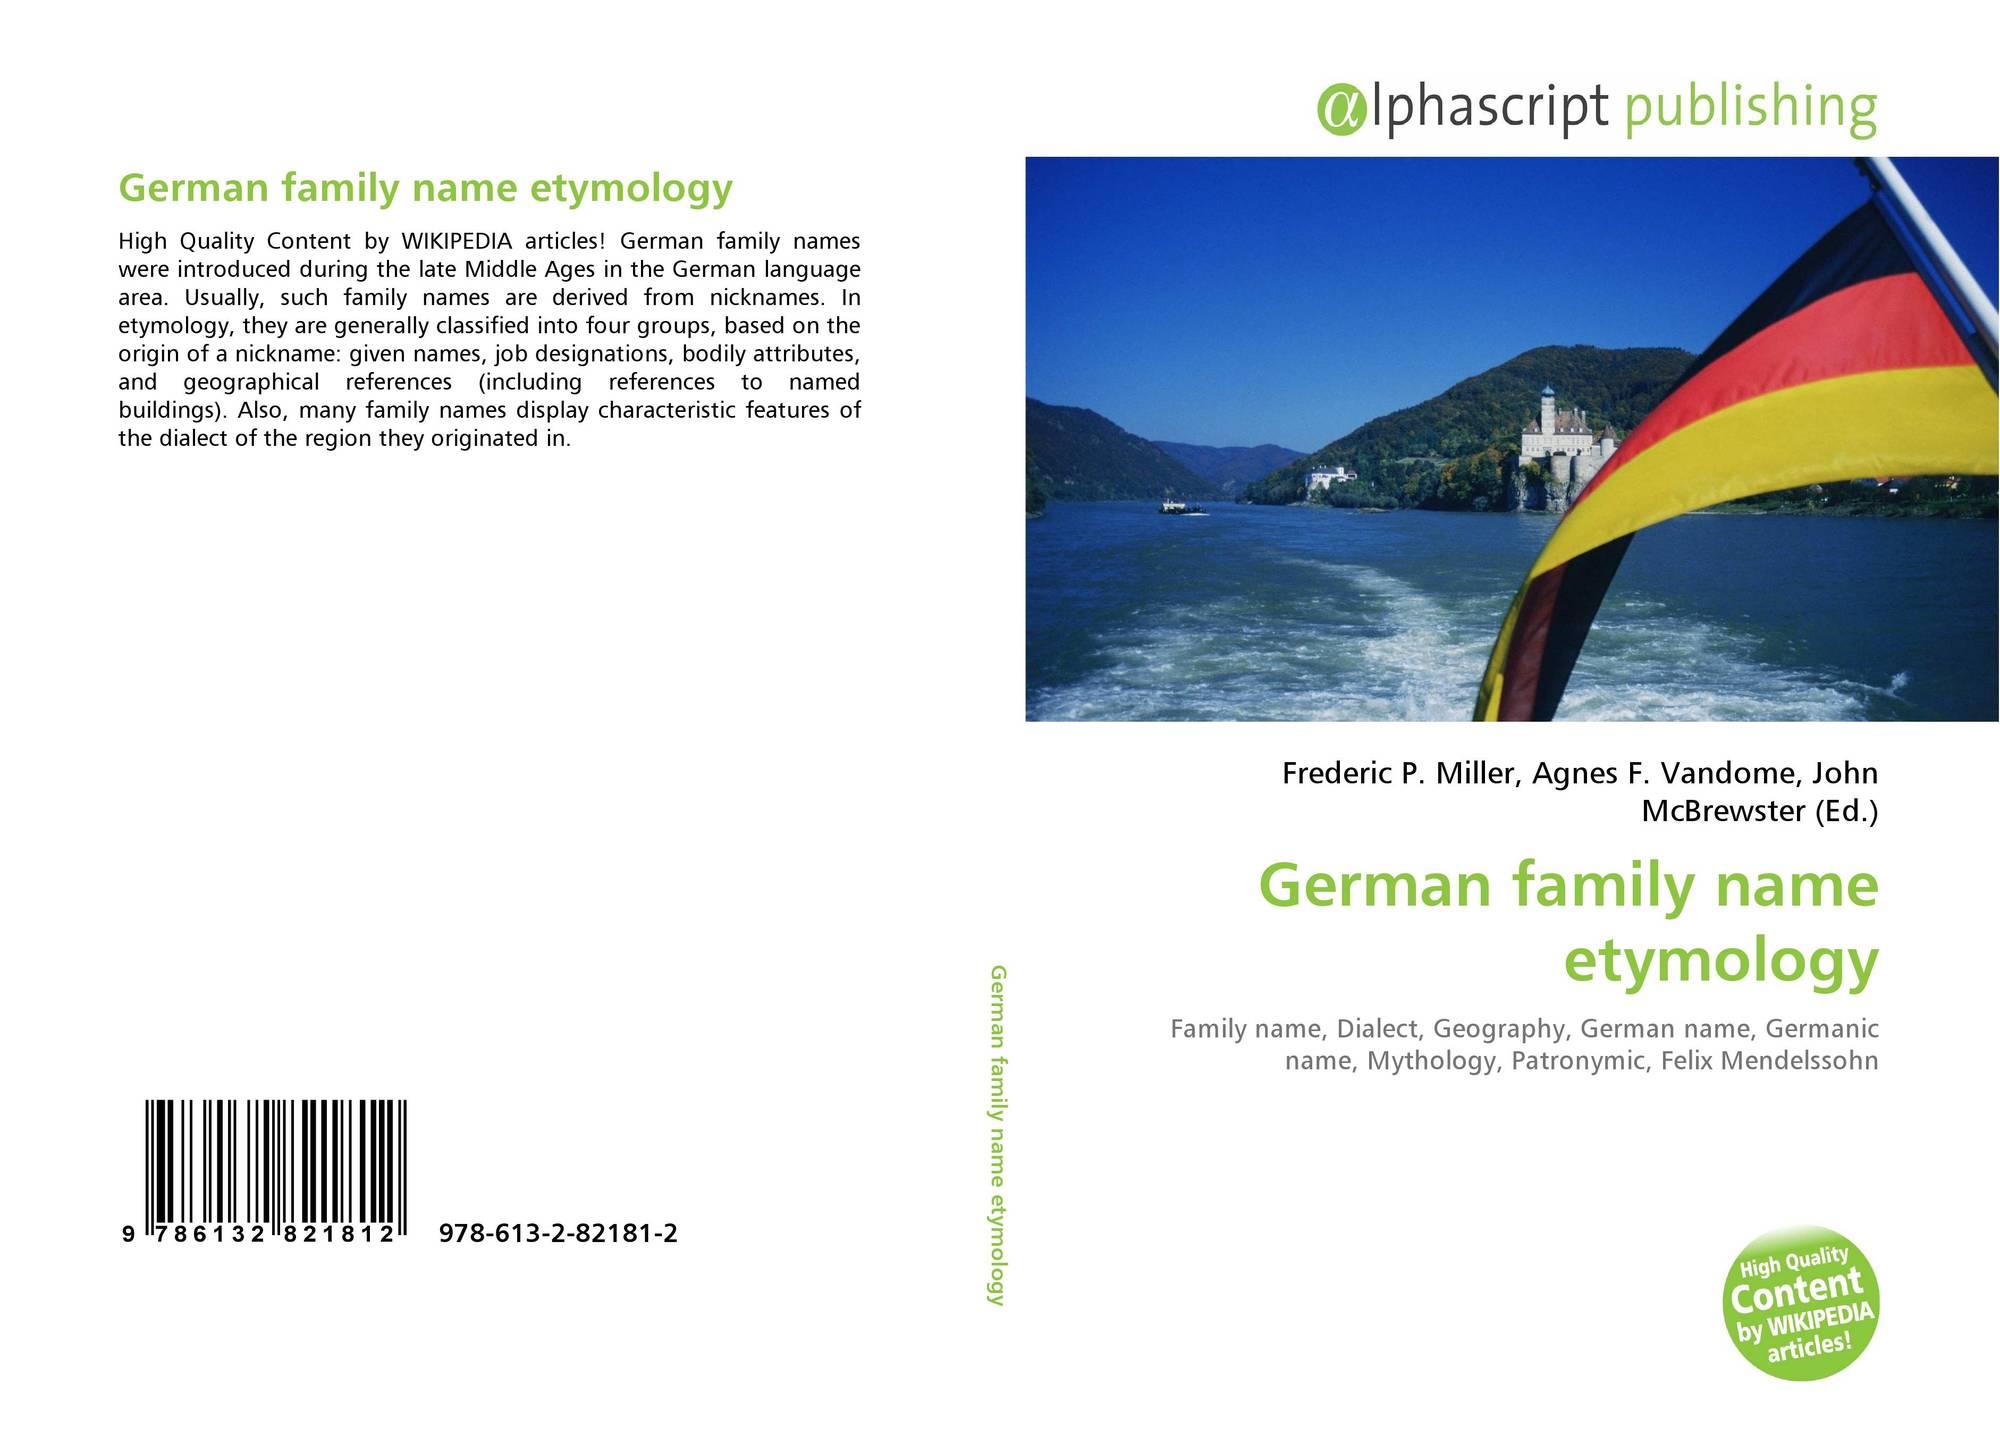 German family name etymology, 978-613-2-82181-2, 6132821813